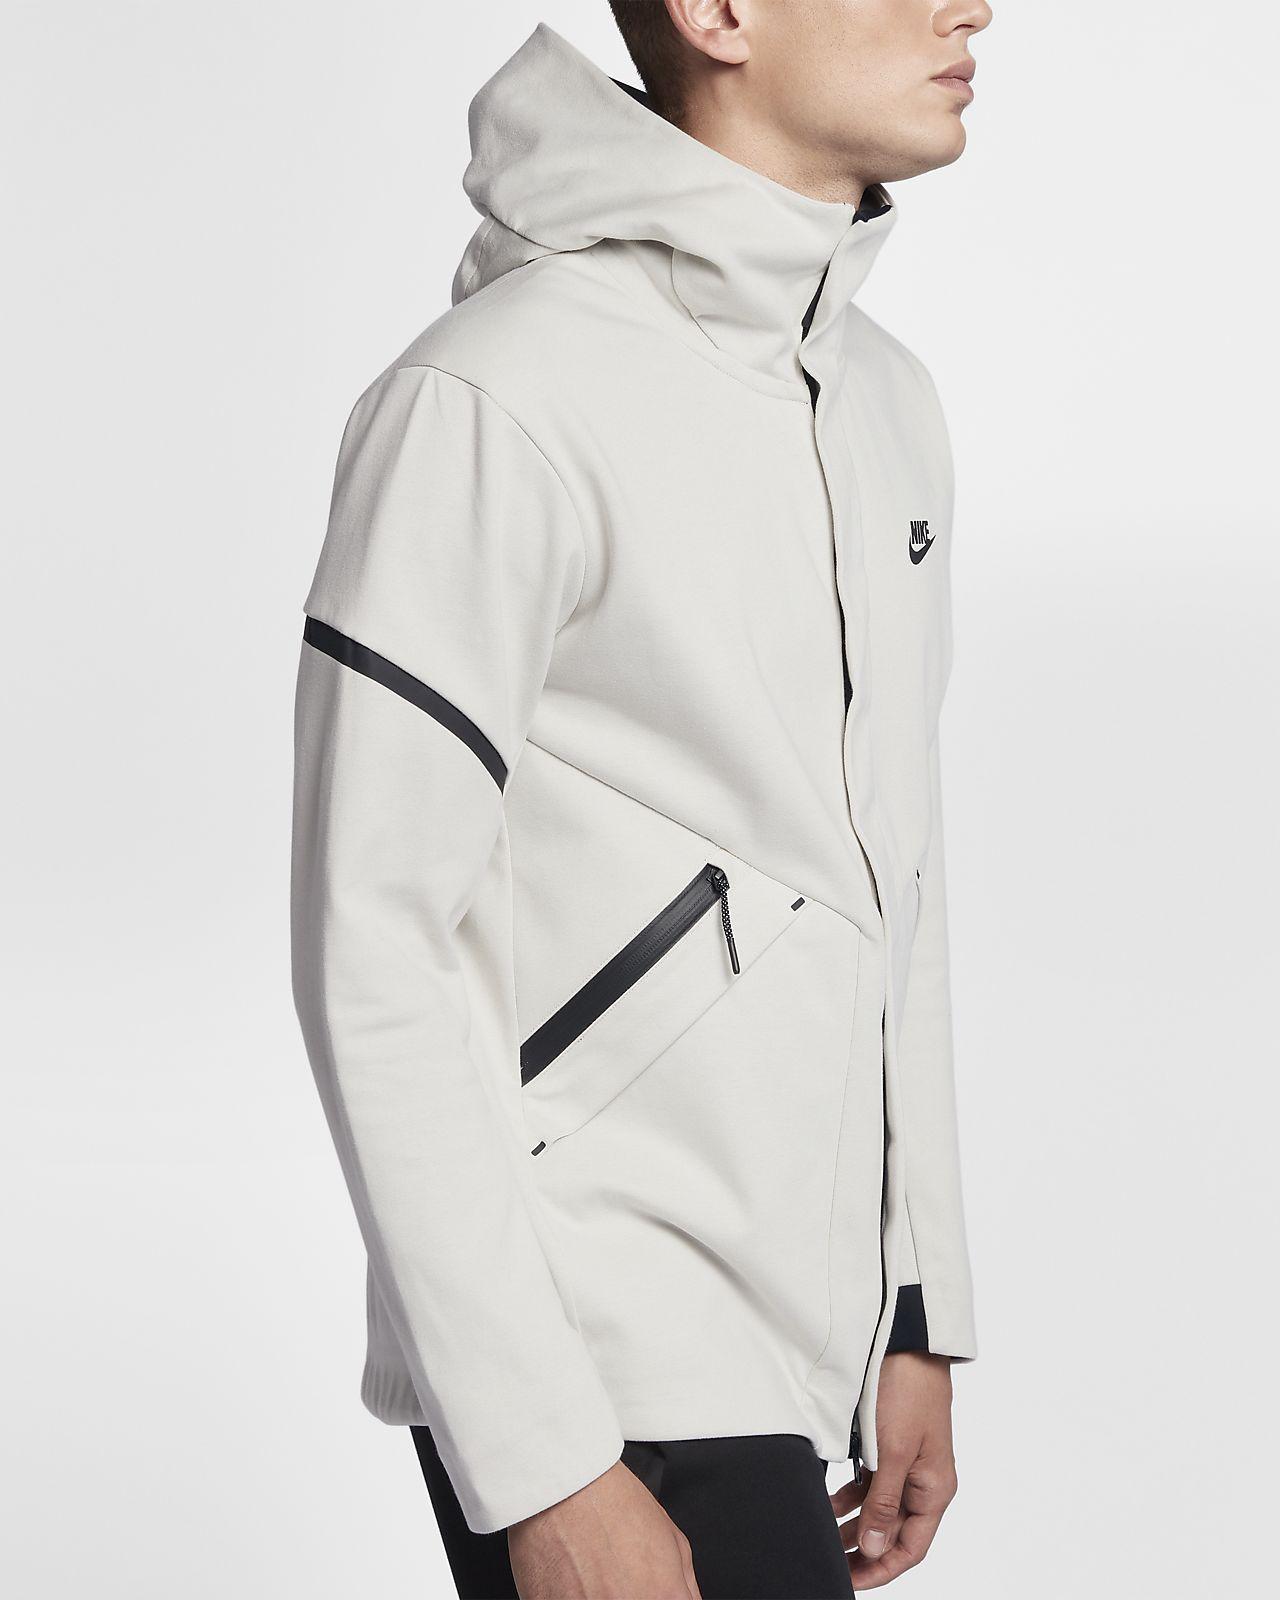 38f54bccec4e Giacca Nike Sportswear Tech Fleece Repel Windrunner - Uomo. Nike Sportswear  Tech Fleece Repel Windrunner Men s Jacket ...